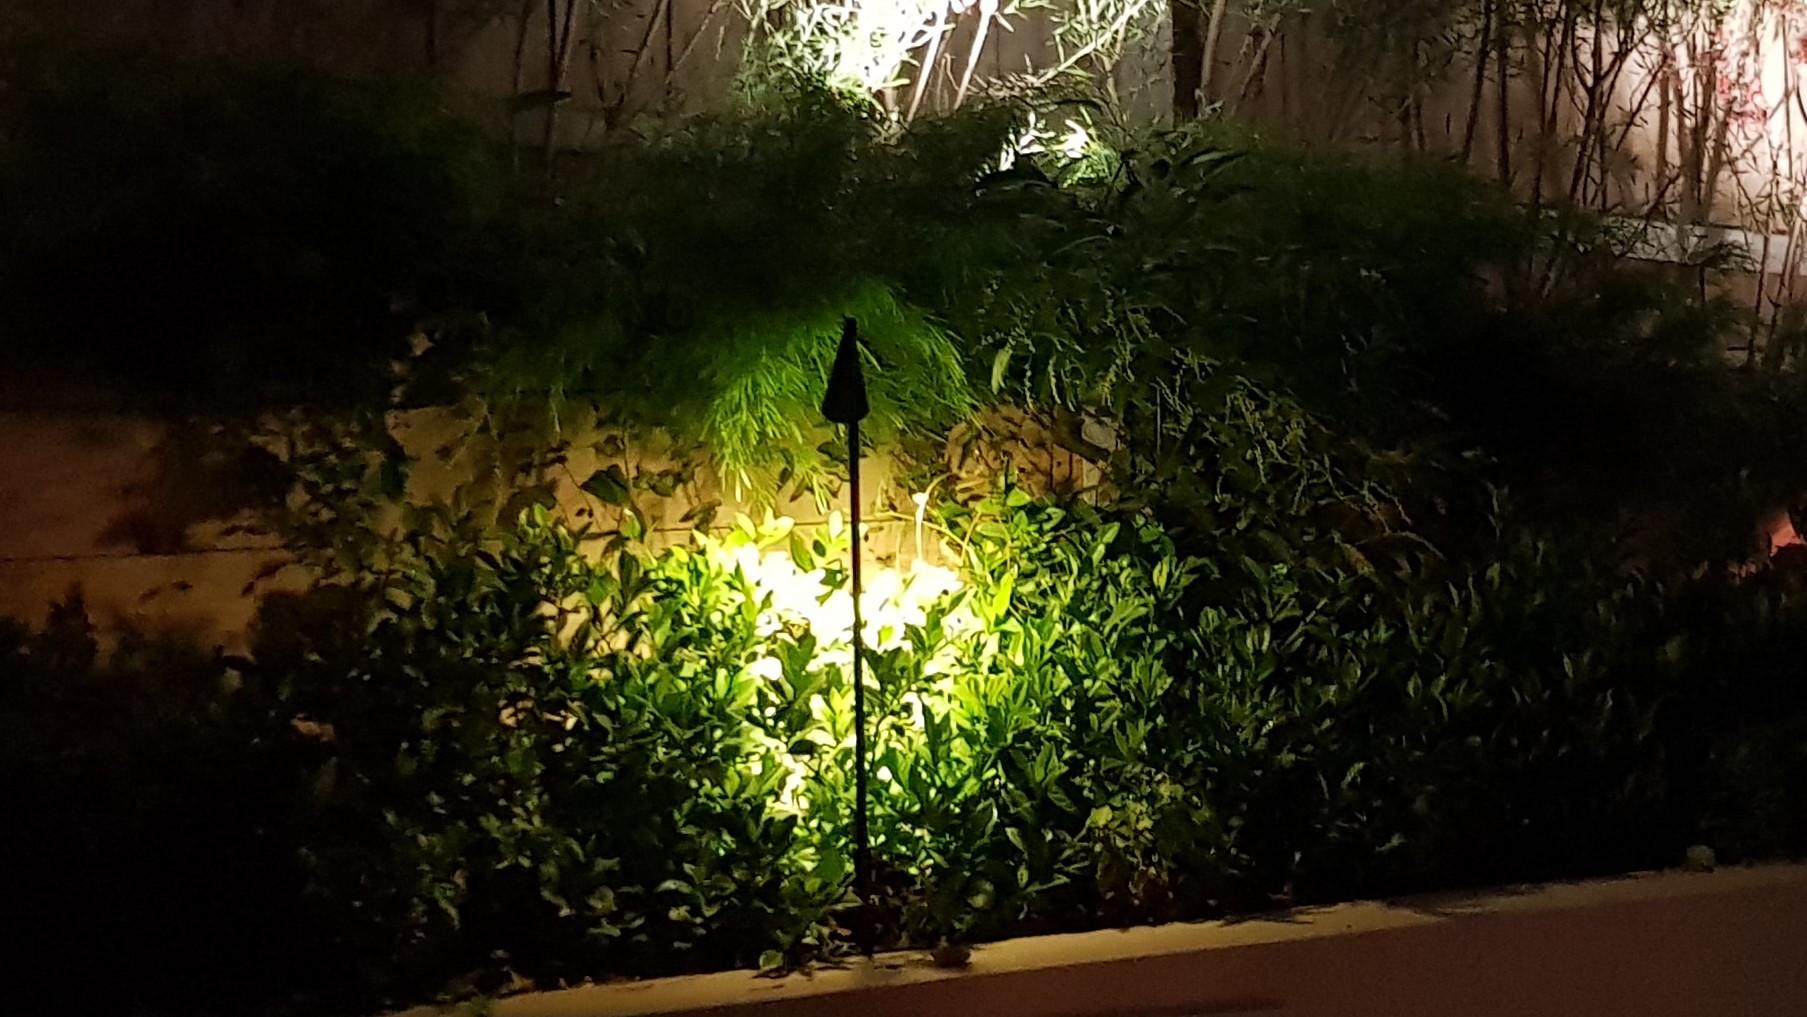 Garden Lighting | Kate Ashton Landscape Design - Melbourne